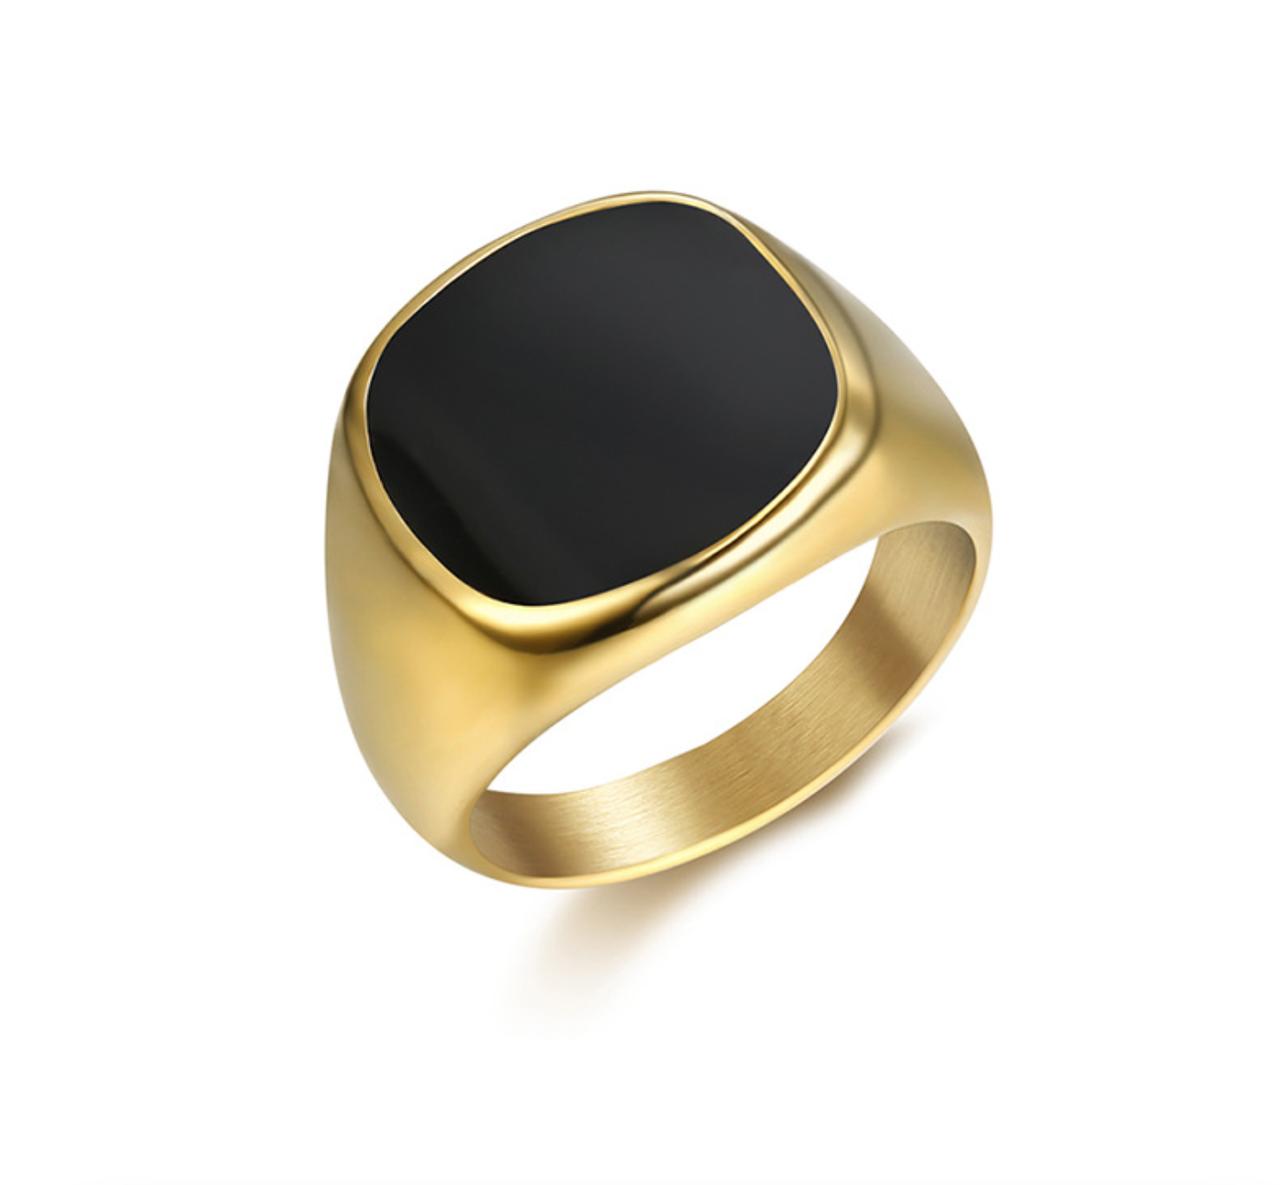 Кольцо Мужское Женское City-A Размер 17.5 цвет Золотое Черный Оникс Перстень Печатка Винтаж №3168